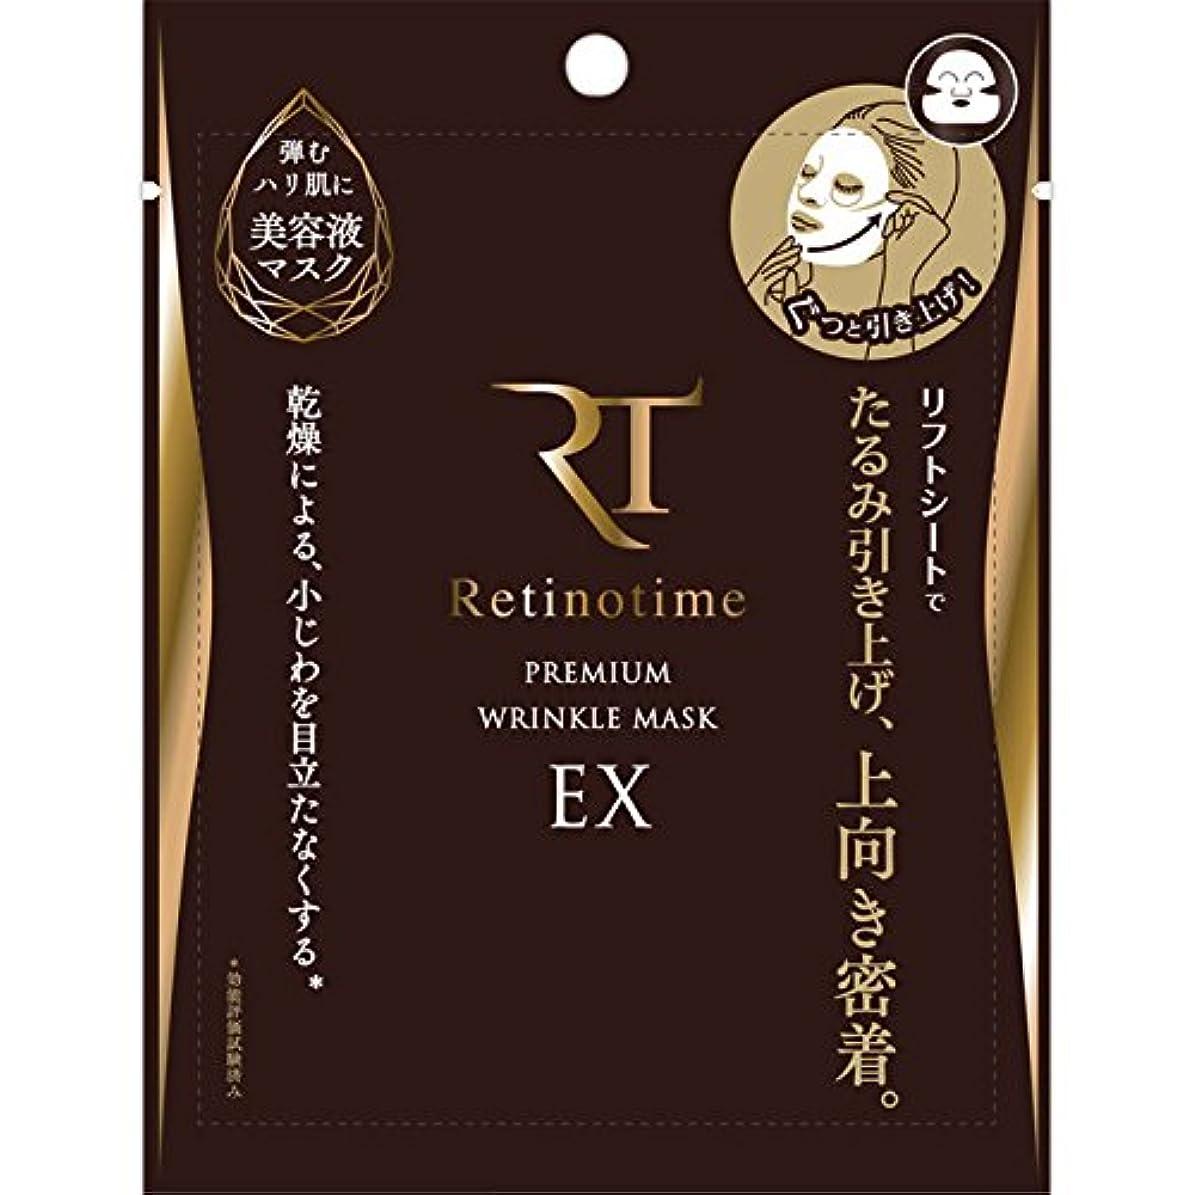 手段聡明媒染剤レチノタイム プレミアムリンクルマスク EX 1枚【26ml】